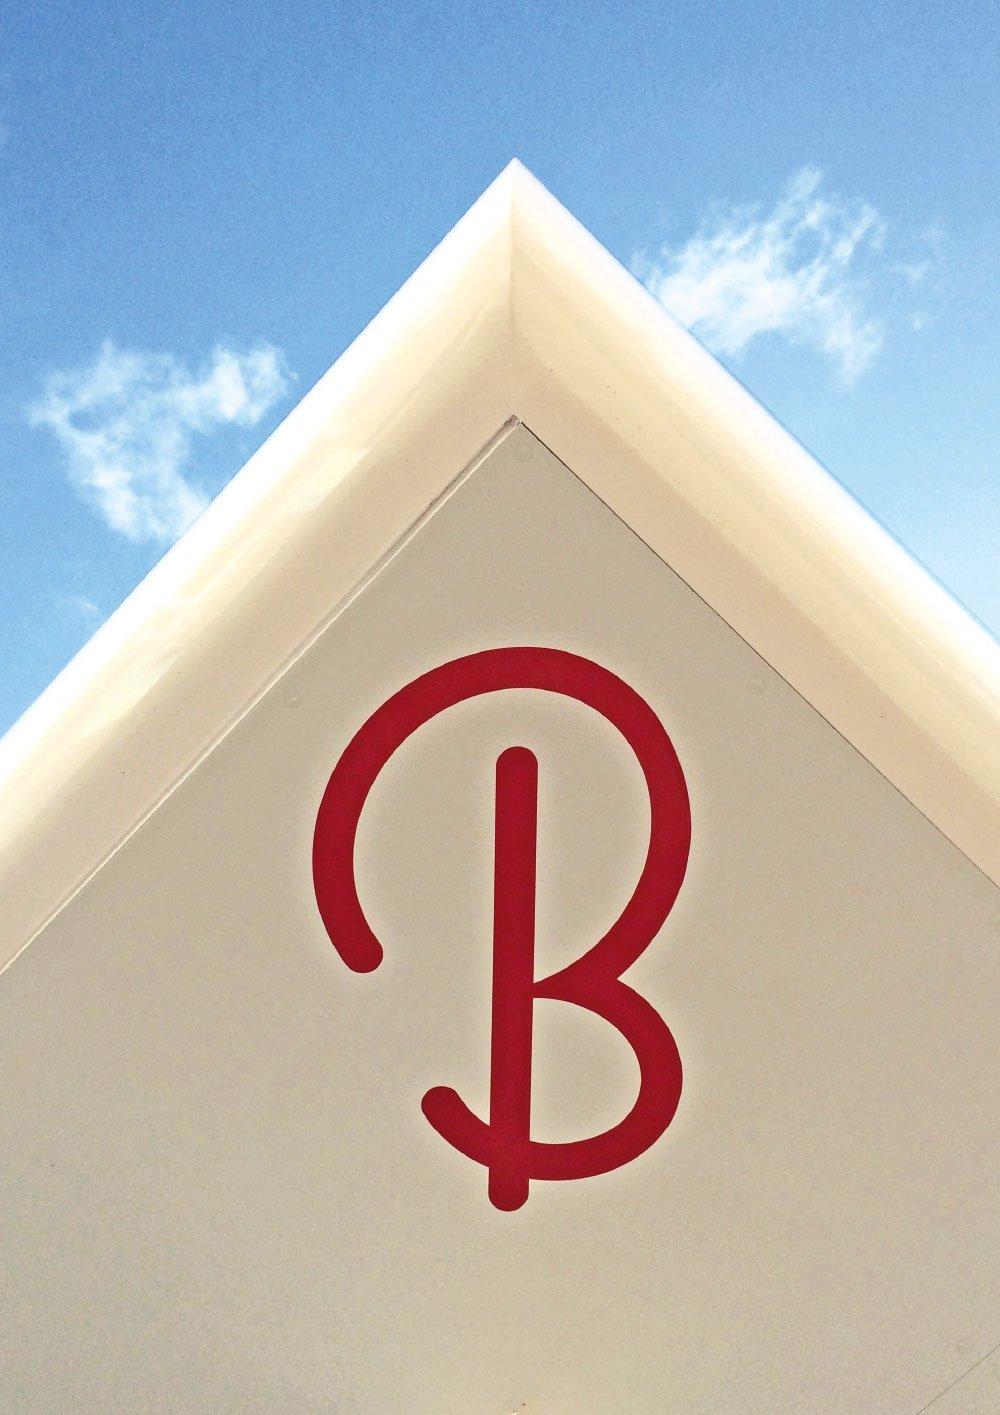 Butlin's B logo detailing